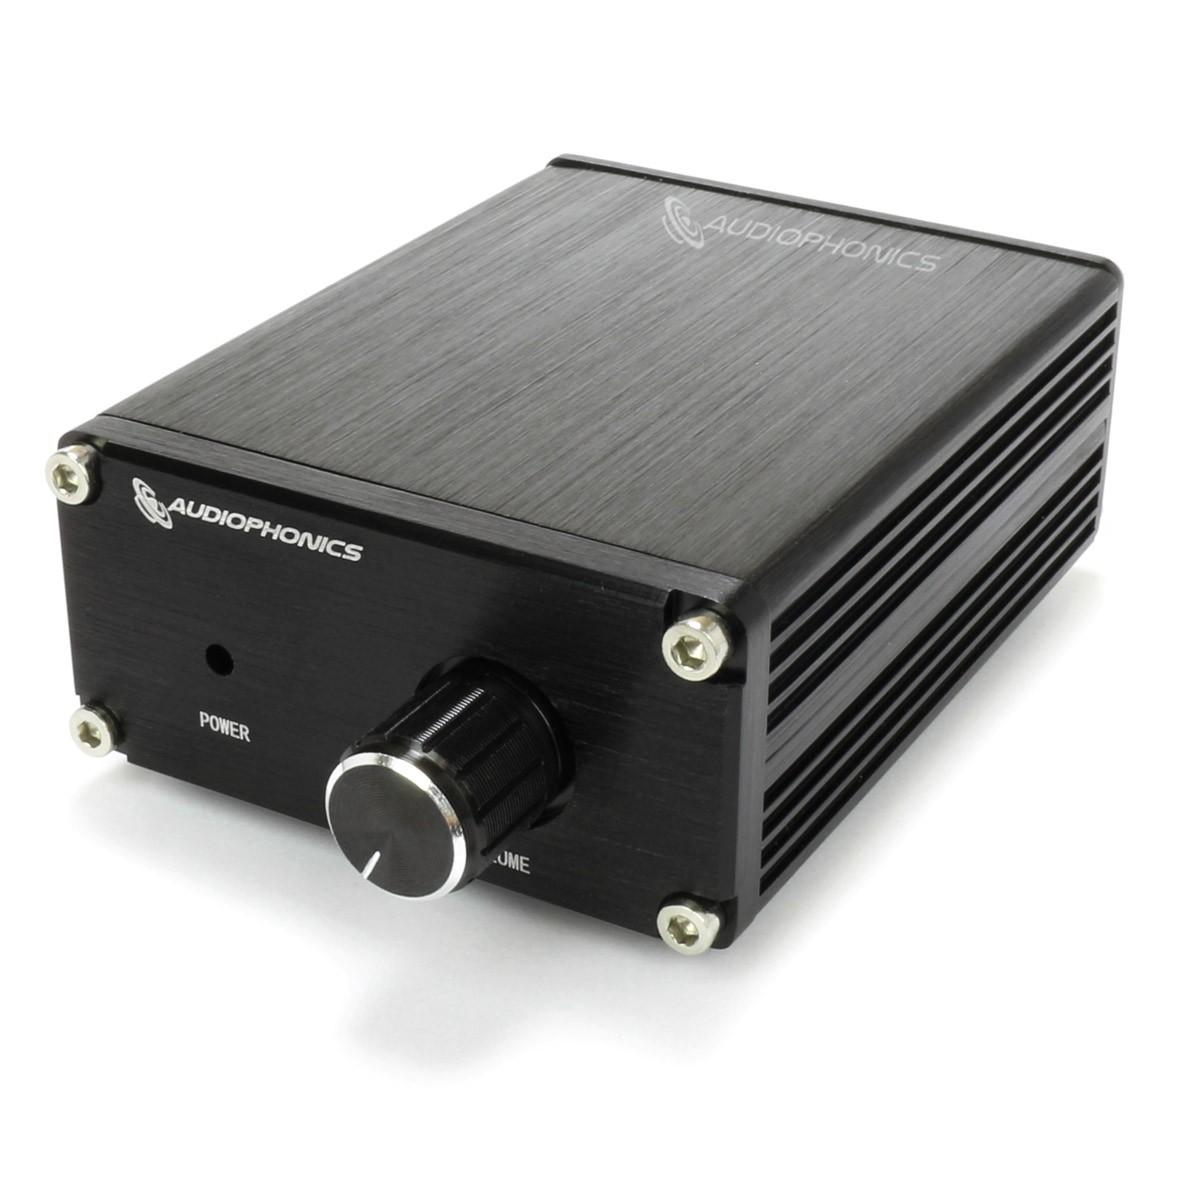 AUDIOPHONICS TPA-M50 Amplificateur Mono Class D TPA3116 1x60W 4 Ohm Noir